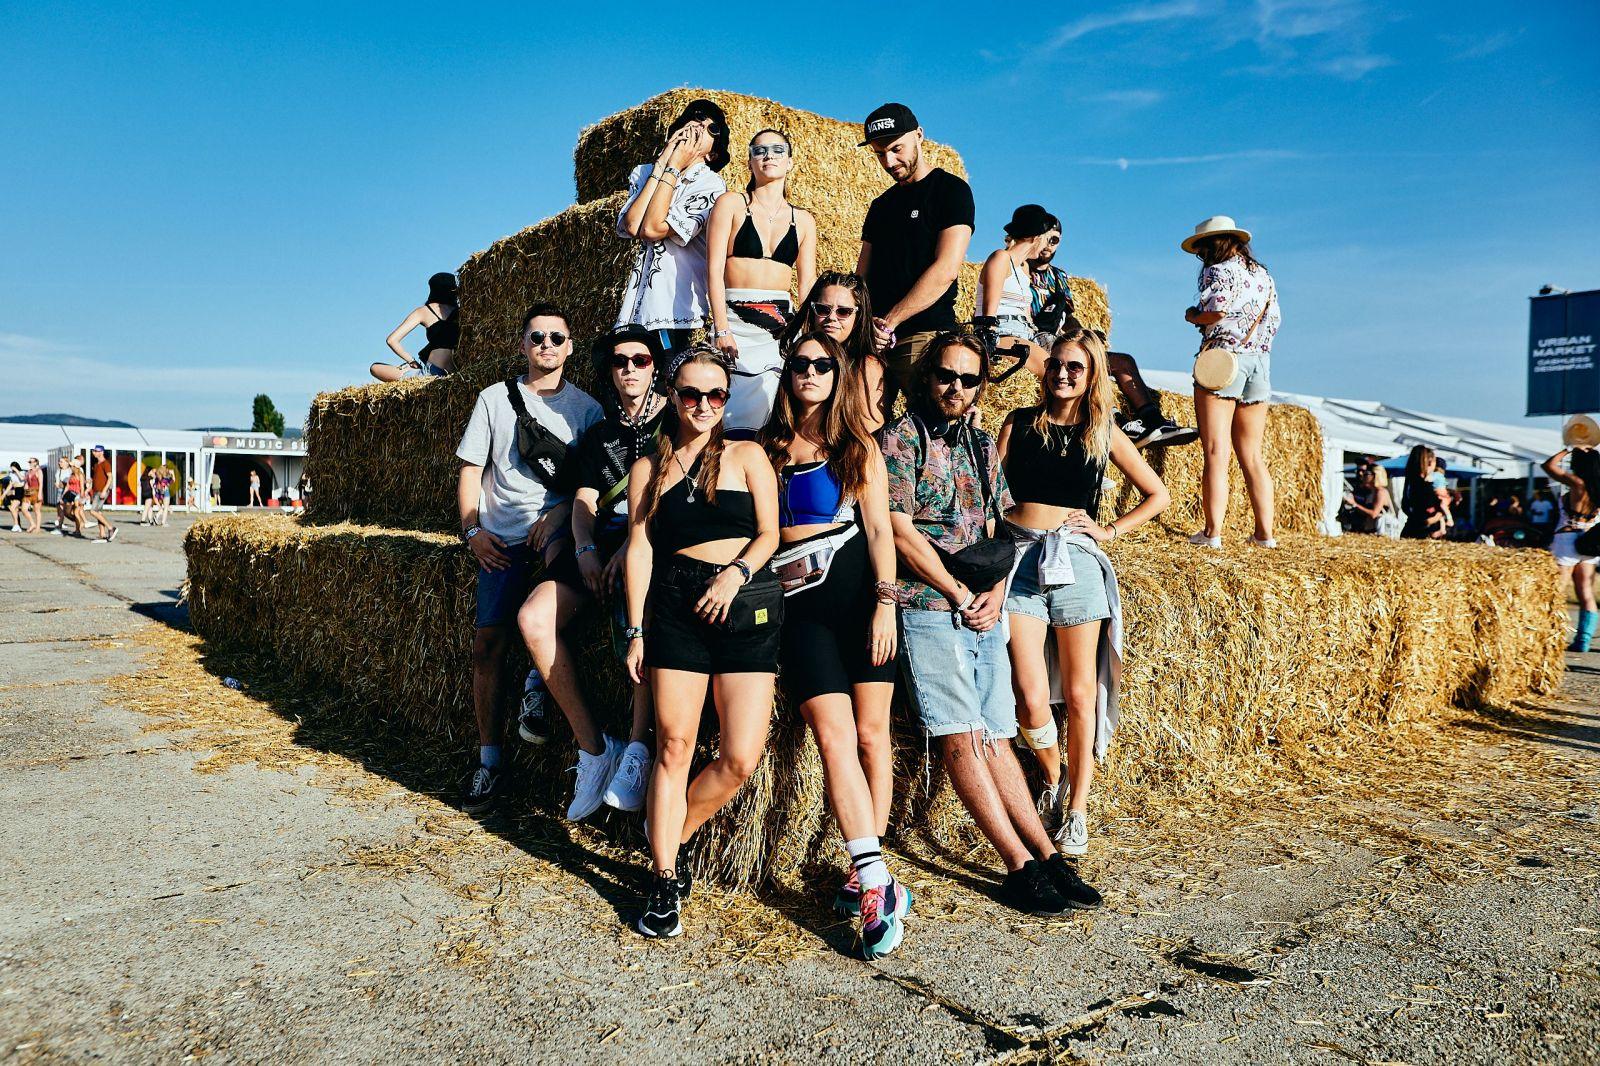 25-tisíc ľudí na piešťanskom letisku dokázalo, že Grape je jedným z dvoch najlepších festivalov na Slovensku (Fotoreport)